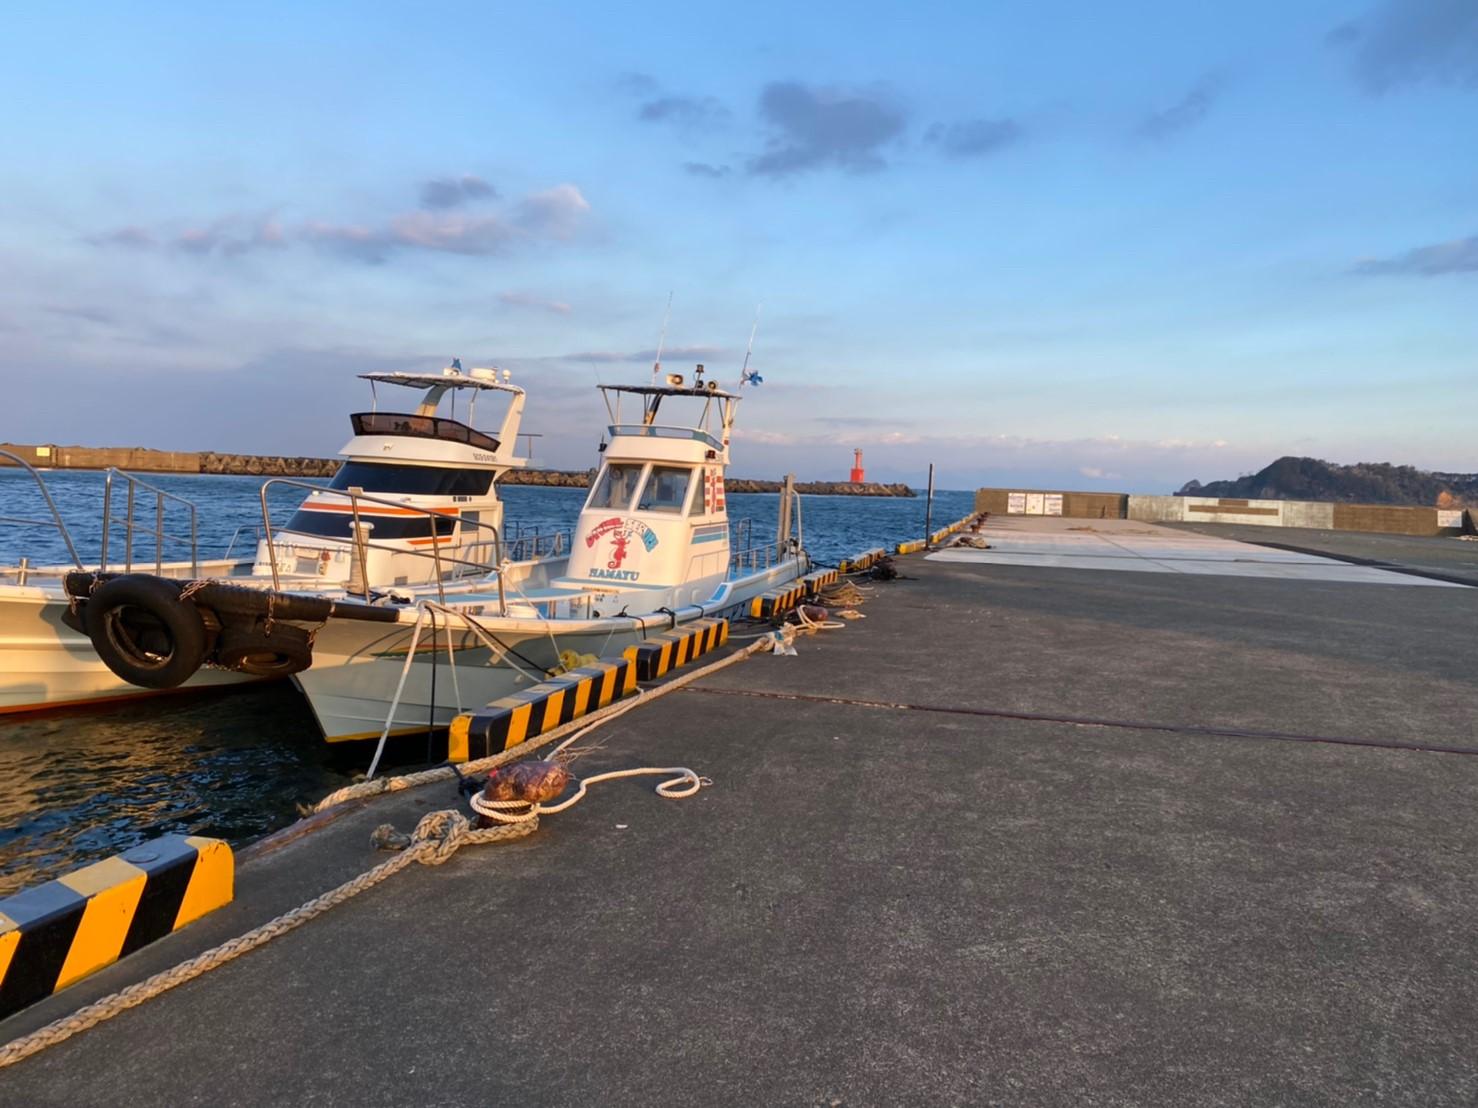 【西伊豆|松崎町】『松崎海岸付近』の釣り場ガイド(釣れる魚・駐車場)